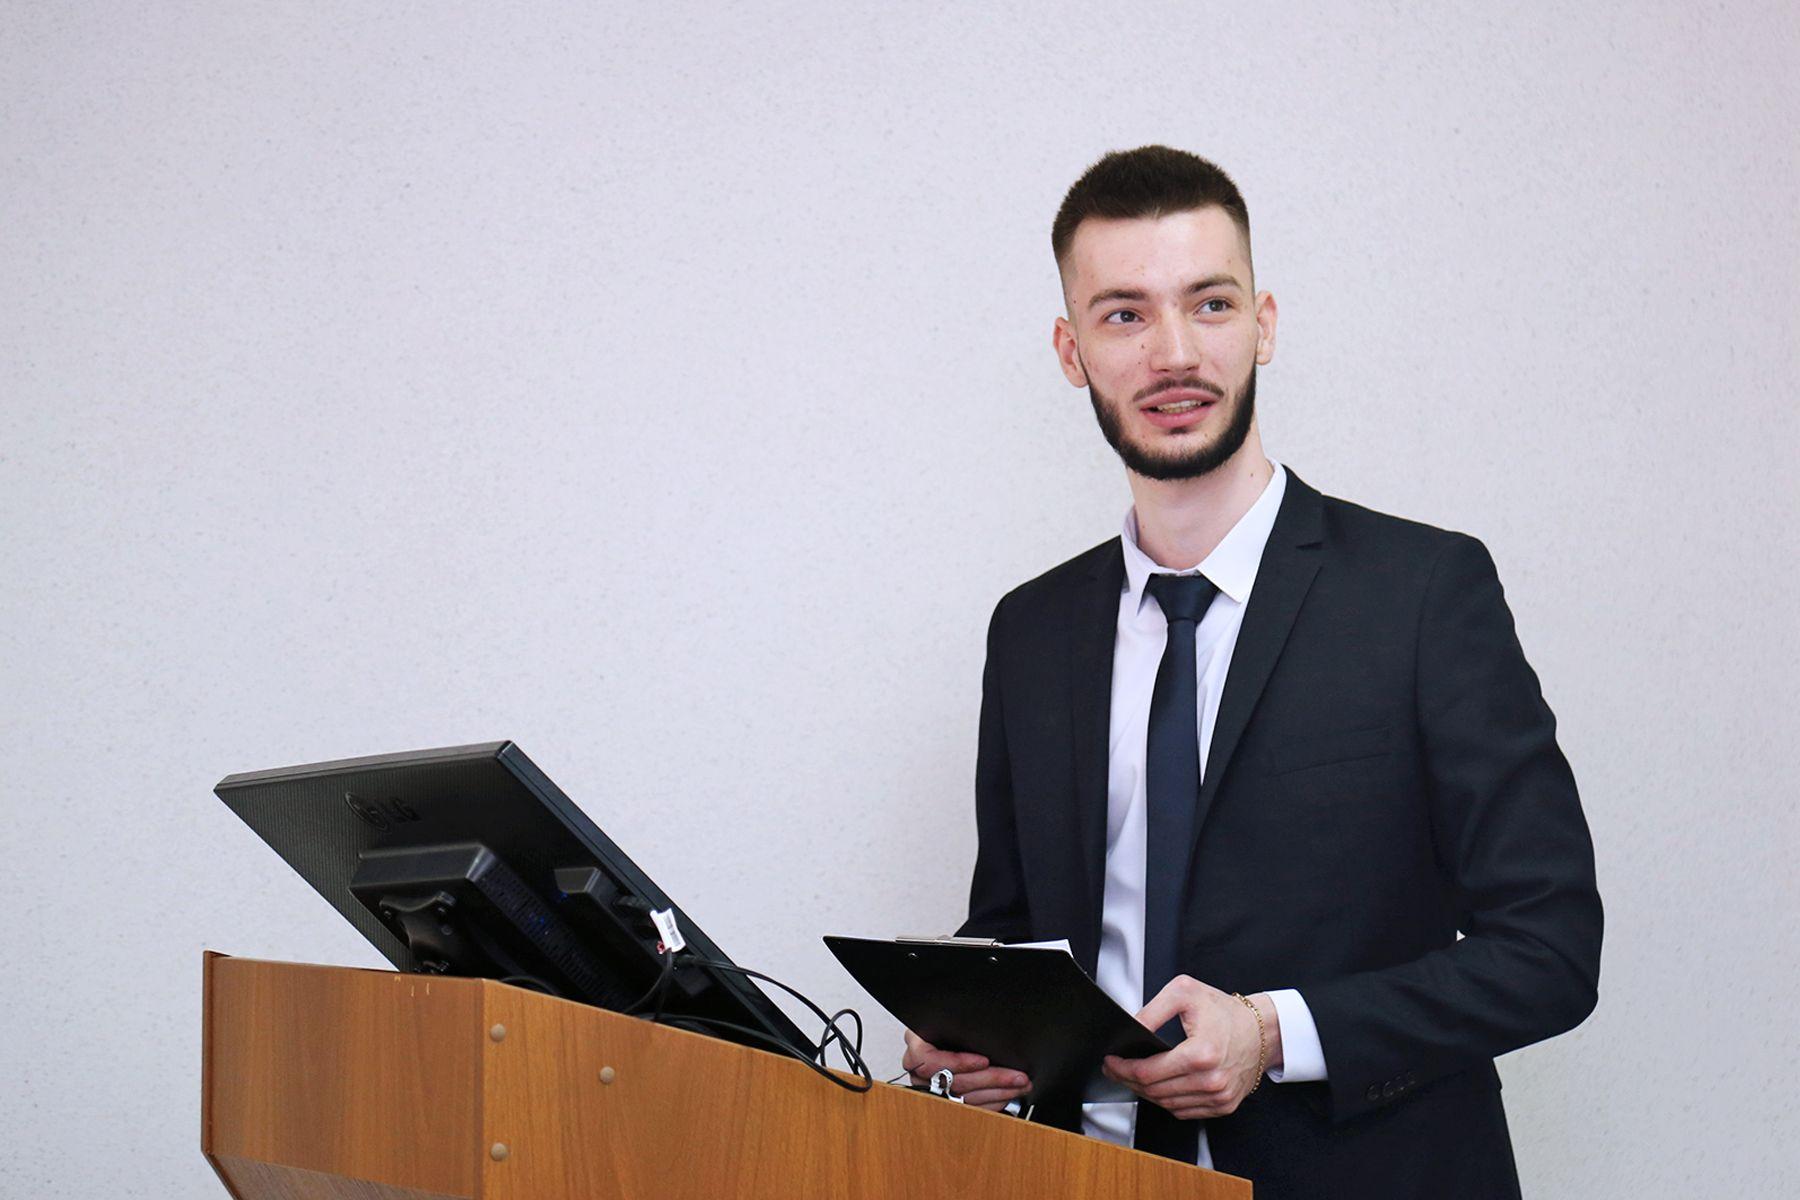 Выпускник ВГУЭС — 2020 Эрик Чудаев: хотелось бы продолжить обучение и построение карьеры в своем университете